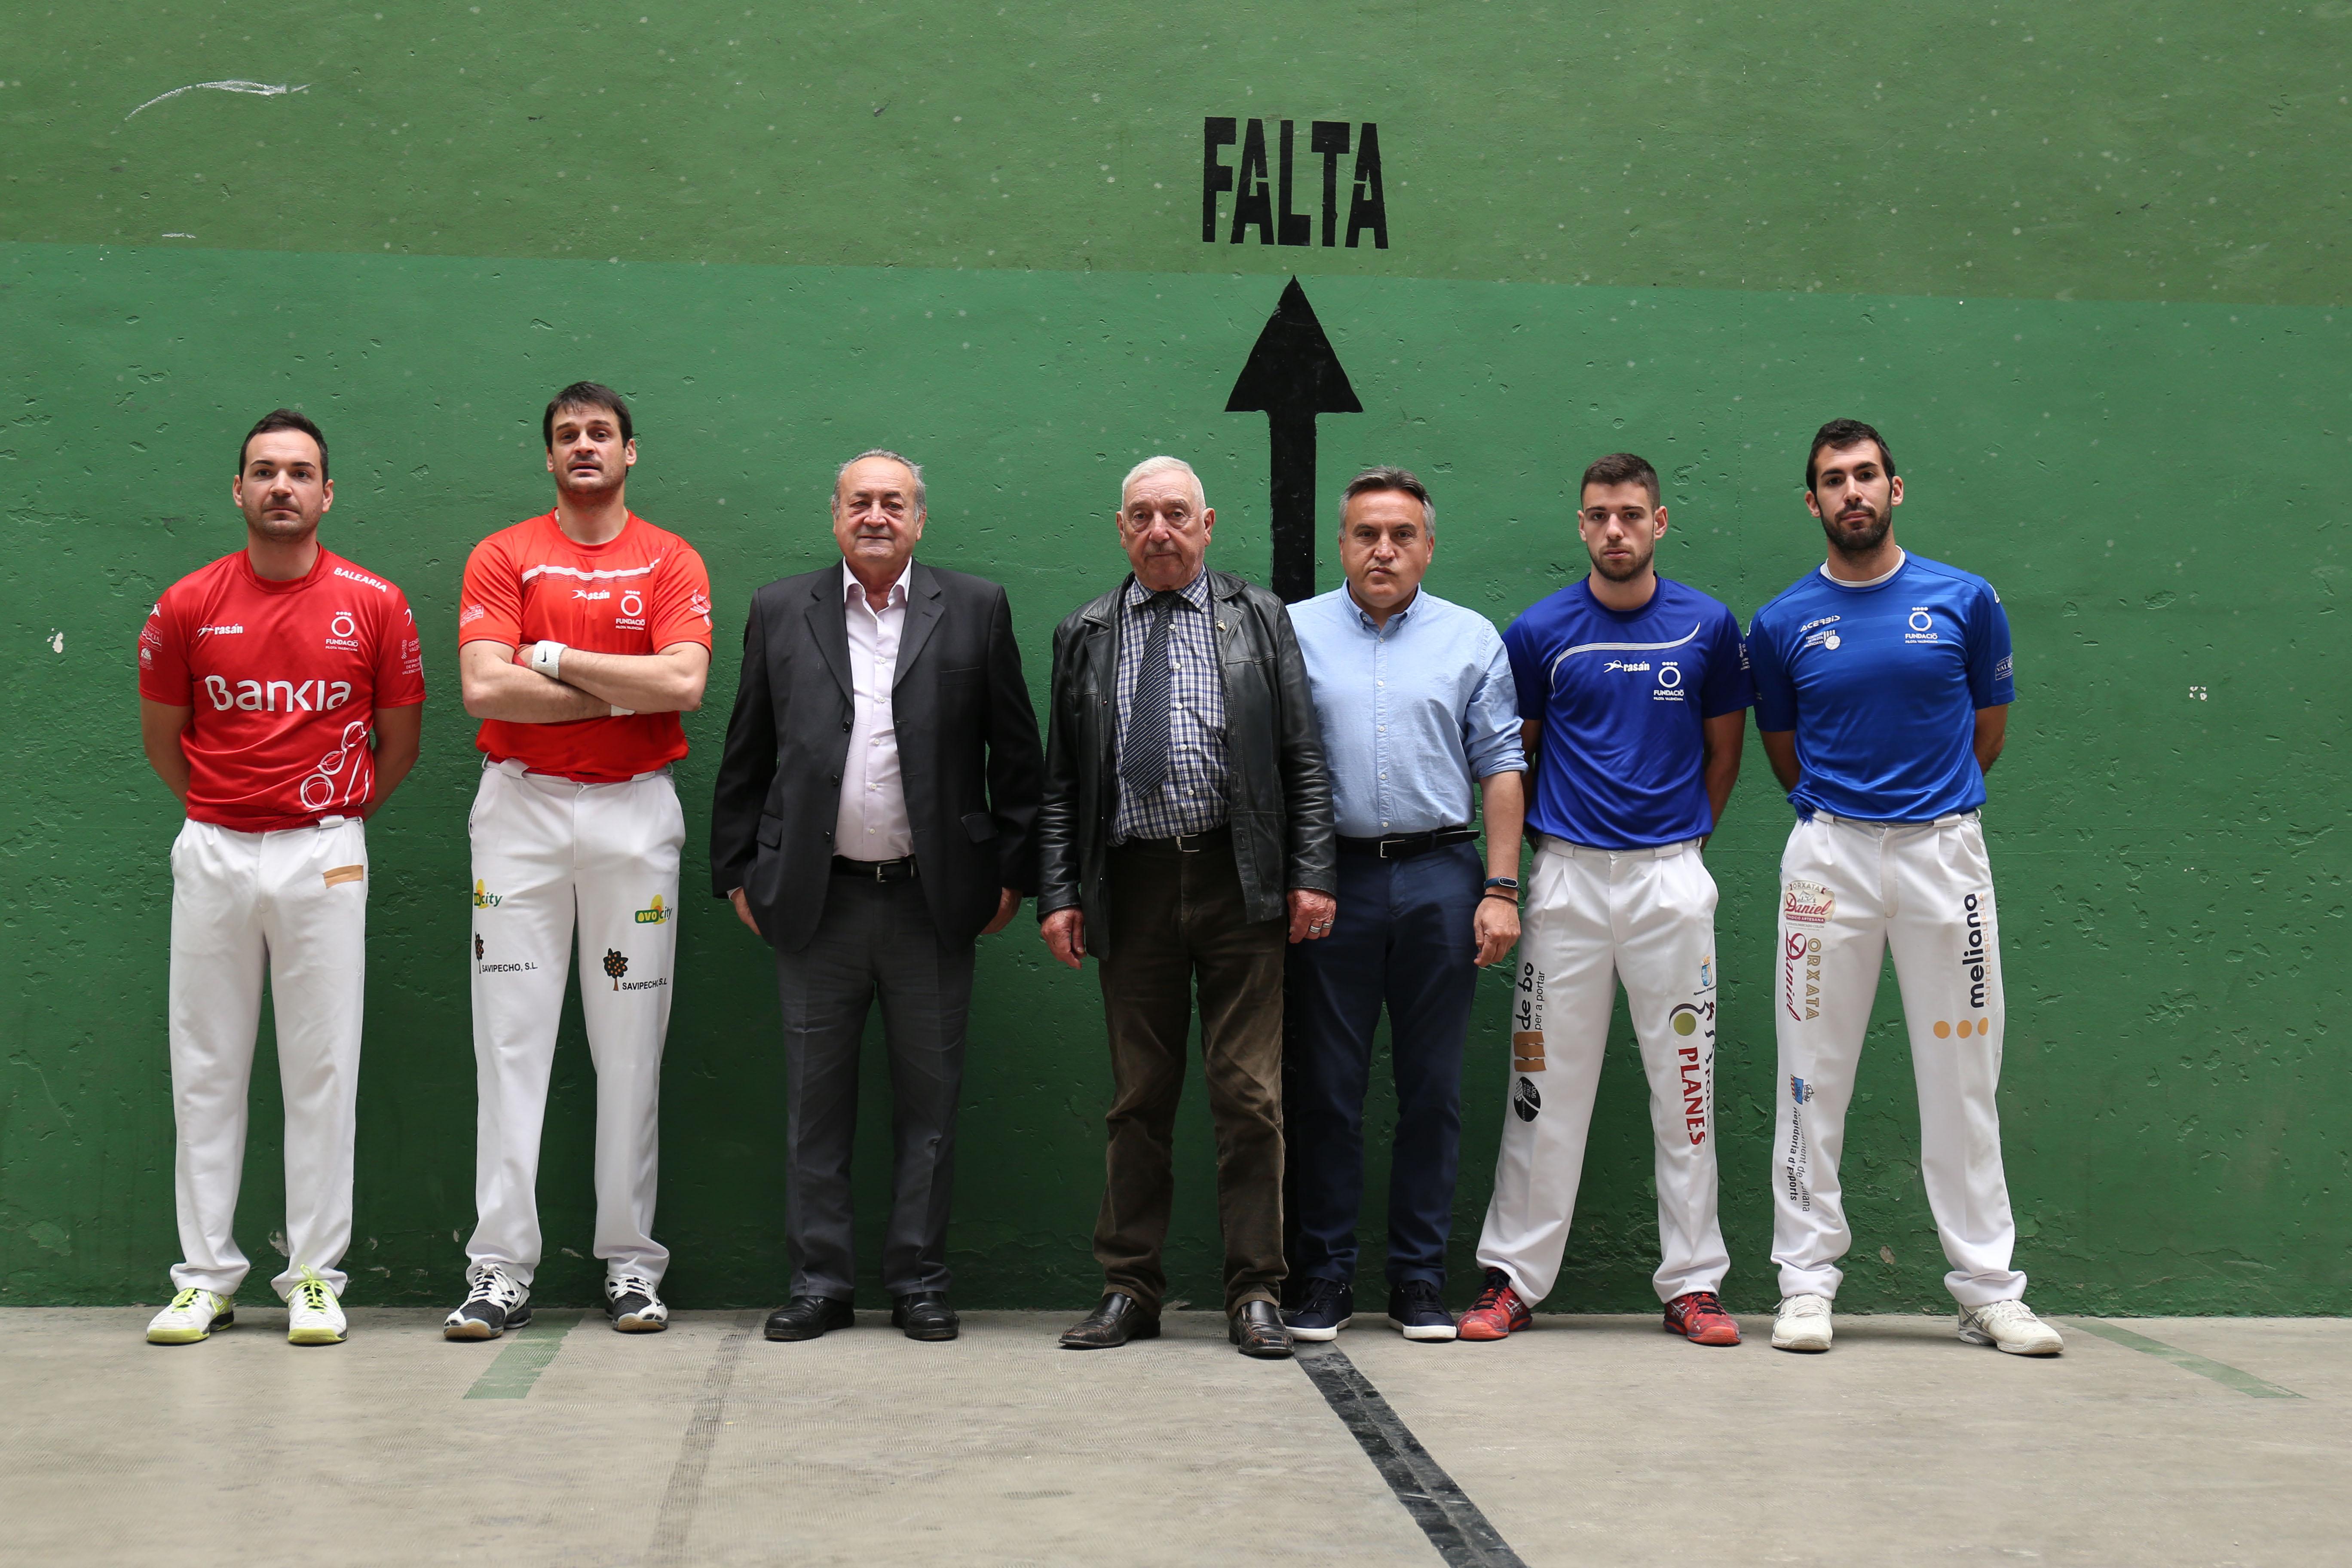 Cheste acogió una partida de pelota valenciana que enfrentó a Genovés II y Raúl contra De la Vega y Bueno.